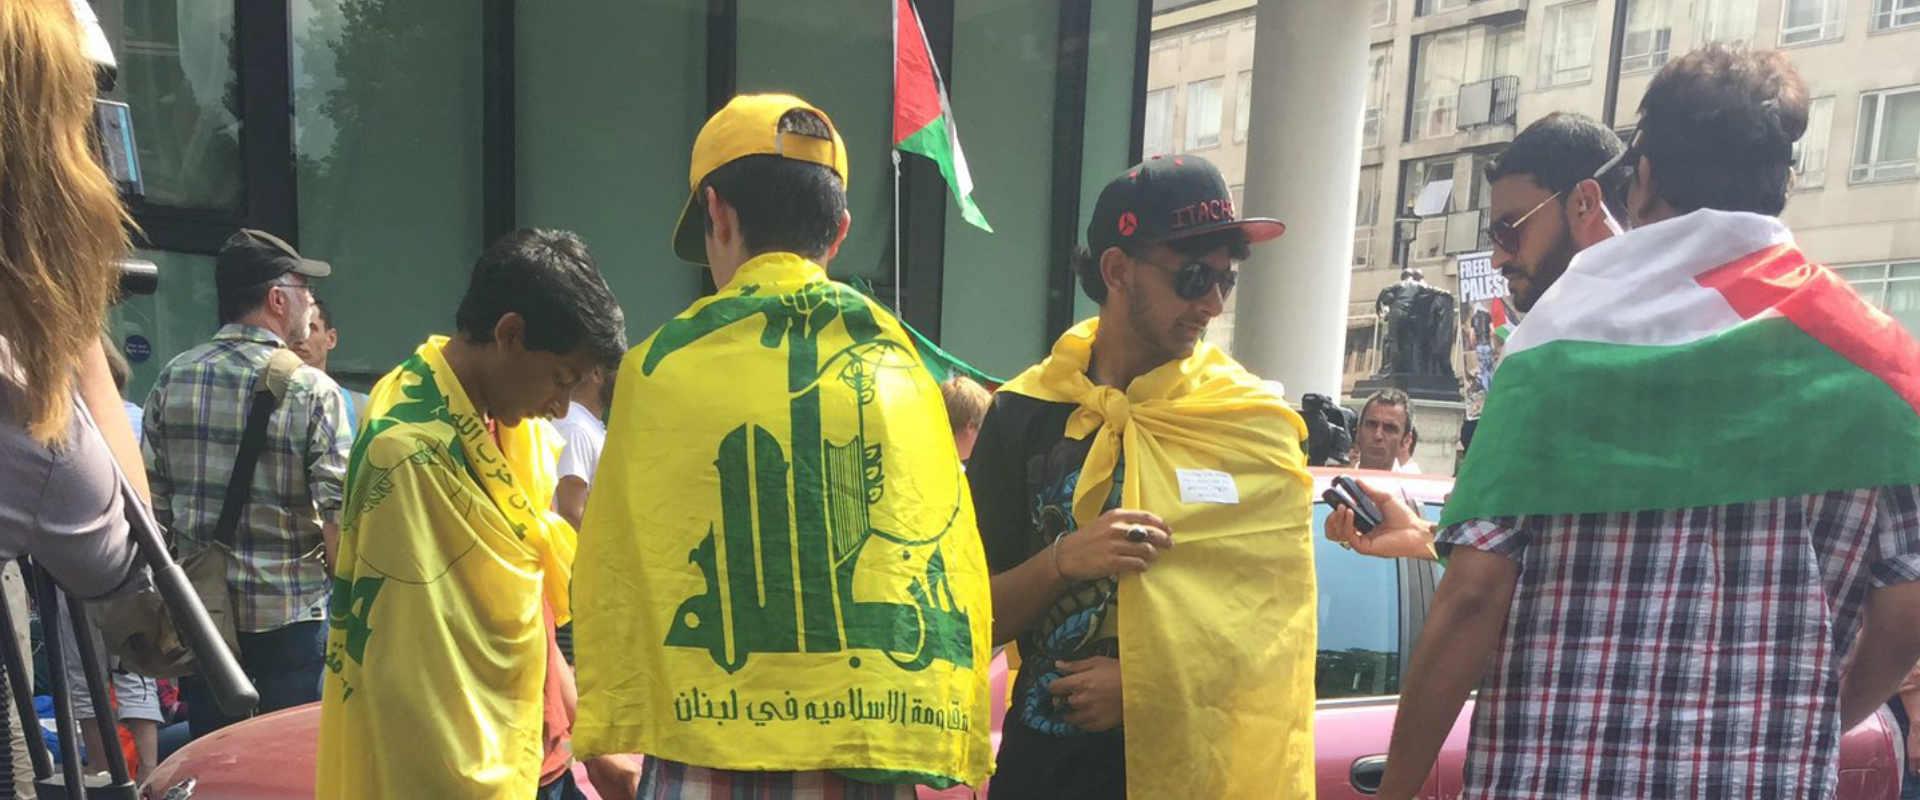 לונדון: מפגינים עטופים בדגלי חיזבאללה